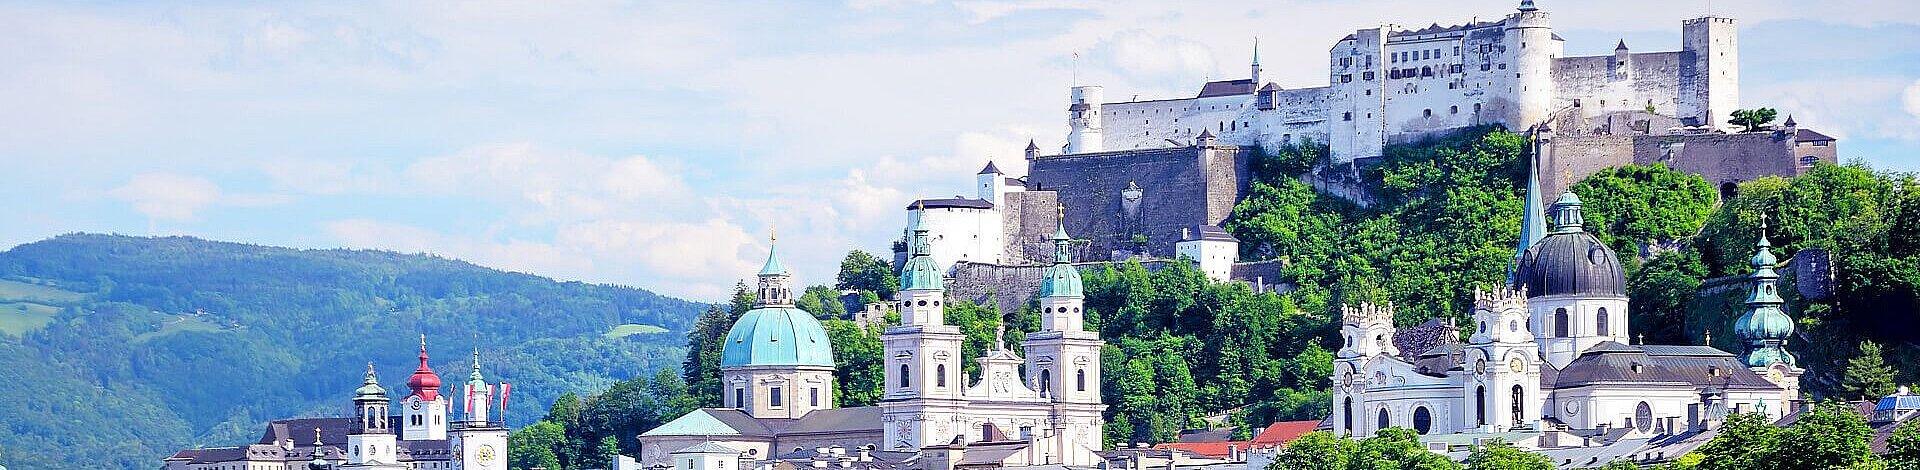 TRESCON Salzburg - Beratung auch für kommunale Projekte und Personalbesetzungen